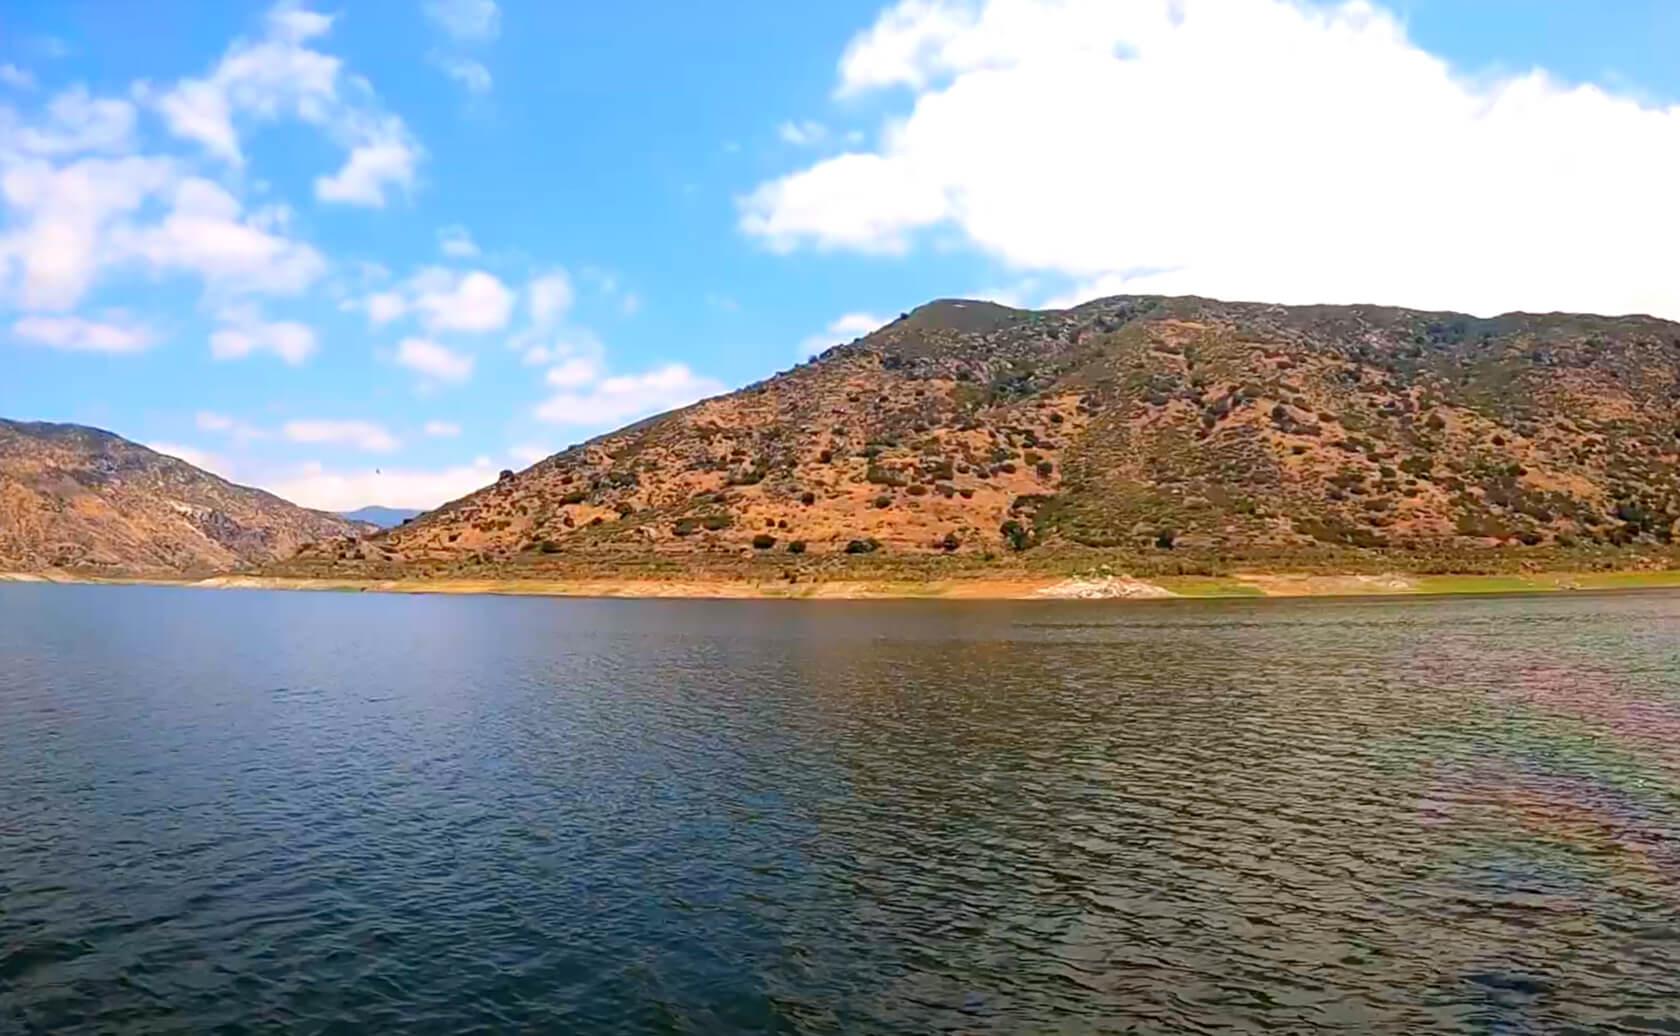 El-Capitan-Reservoir-Lake-Fishing-Guide-Report-California-02